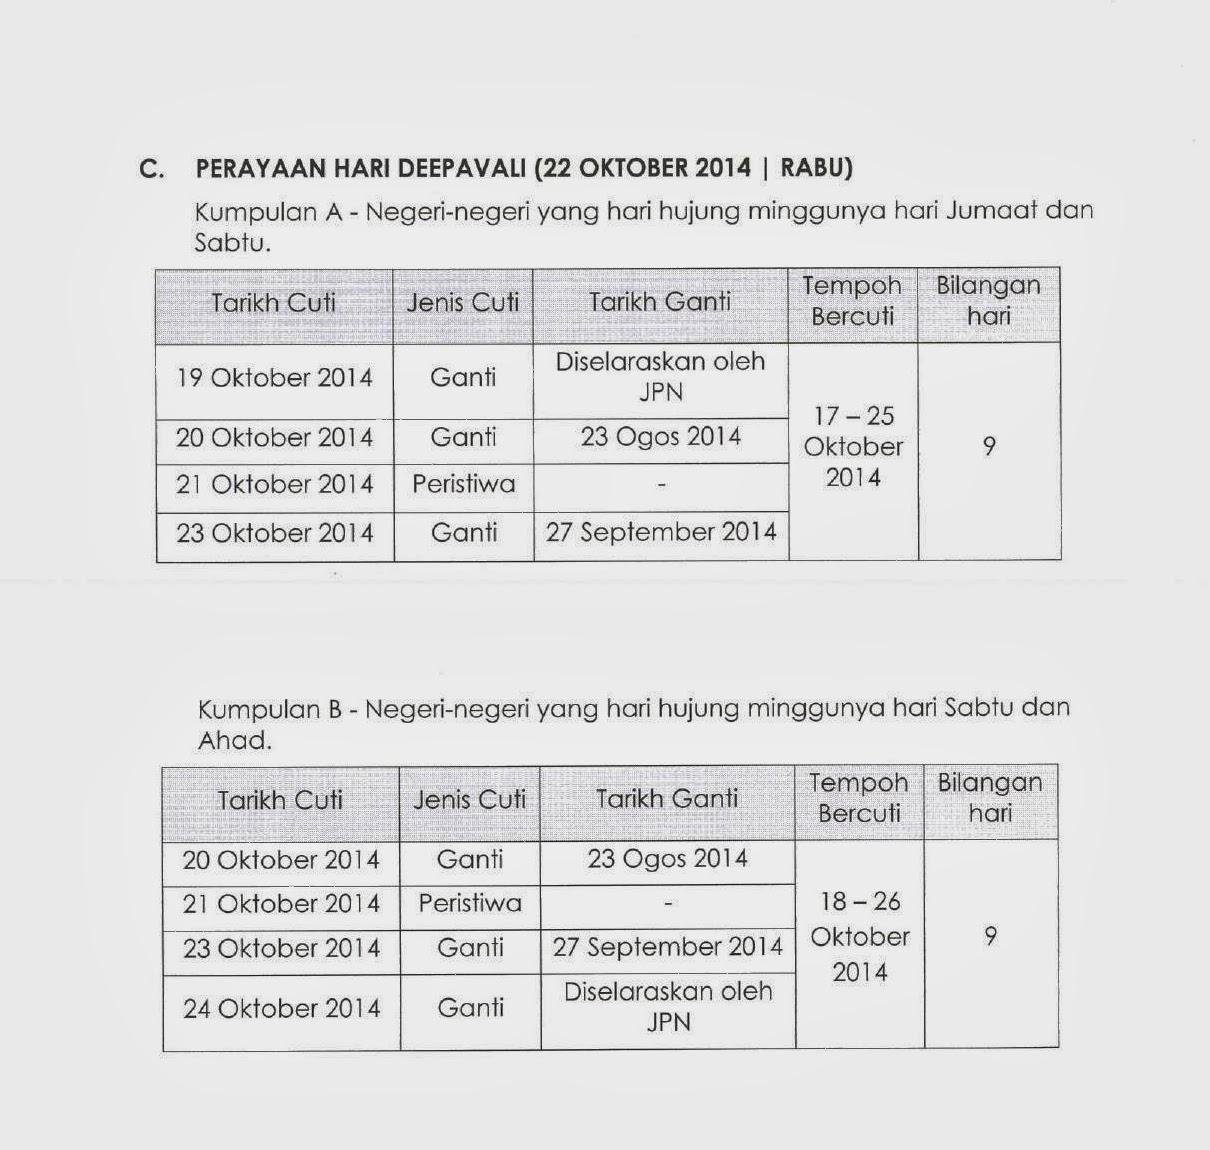 Perubahan Tarikh Cuti Peristiwa dan Cuti Berganti Tahun 2014 oleh KPM ...